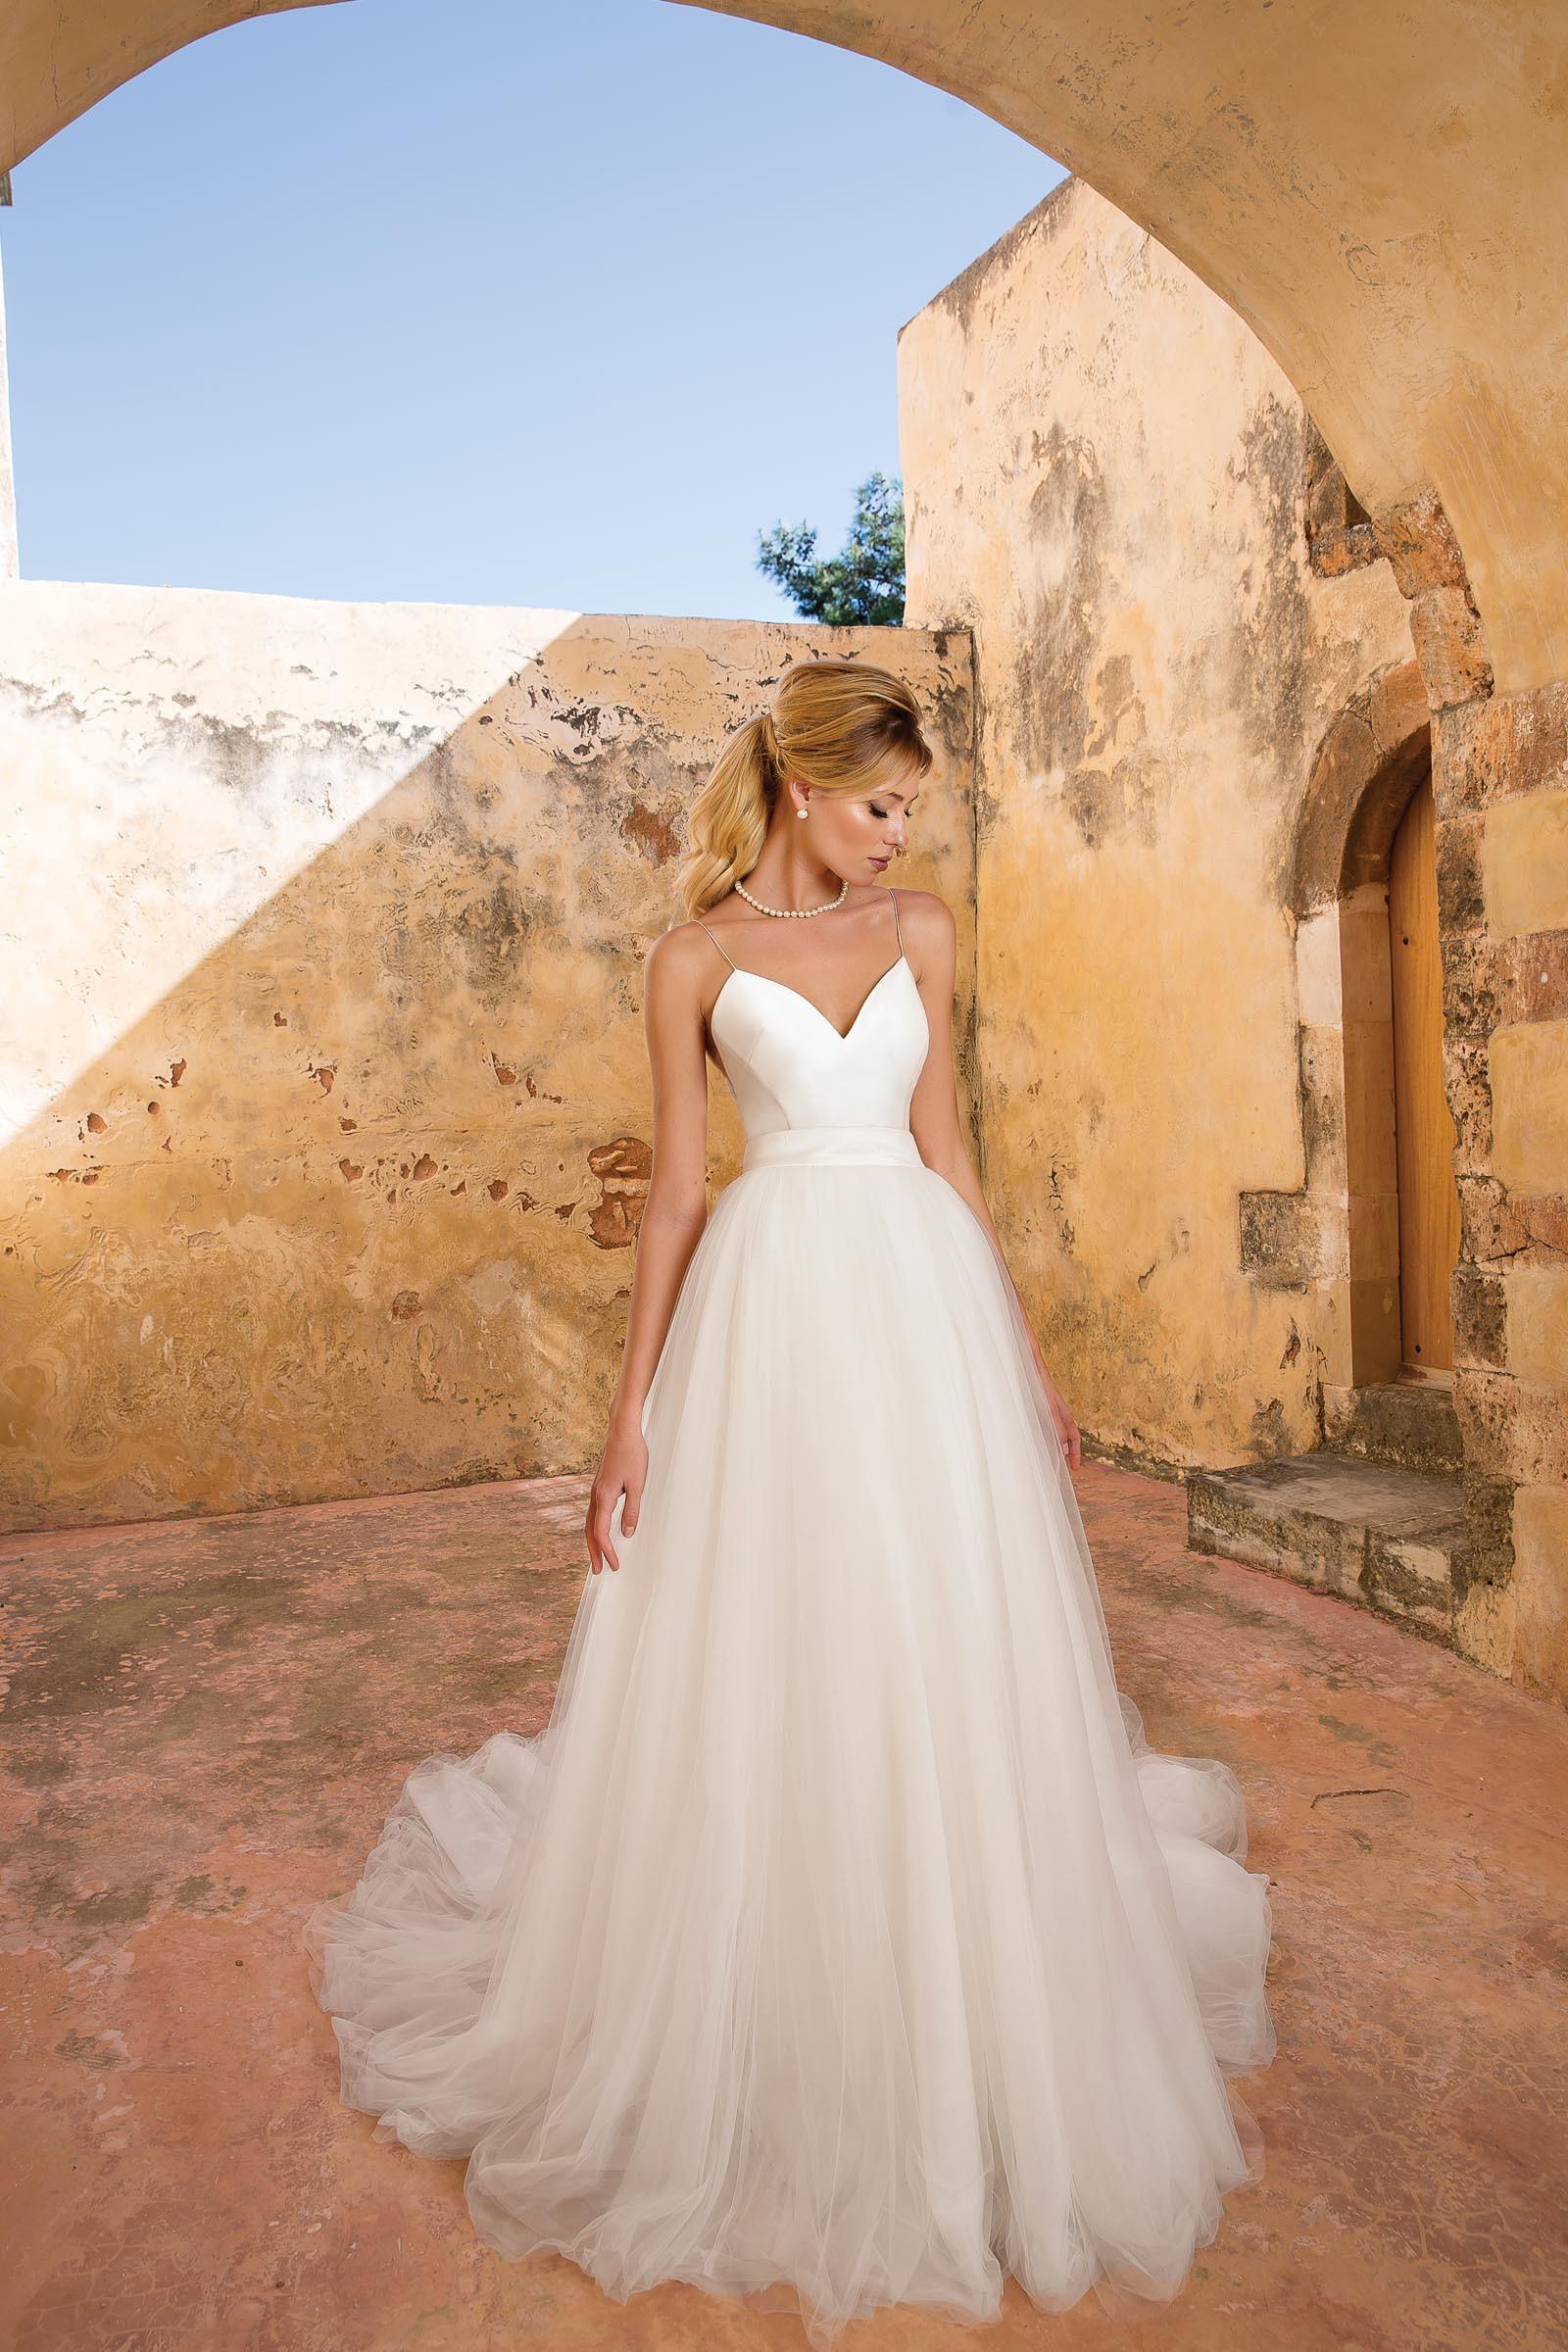 Wandelbares Brautkleid in Weiß von Justin Alexander, Modell 88065